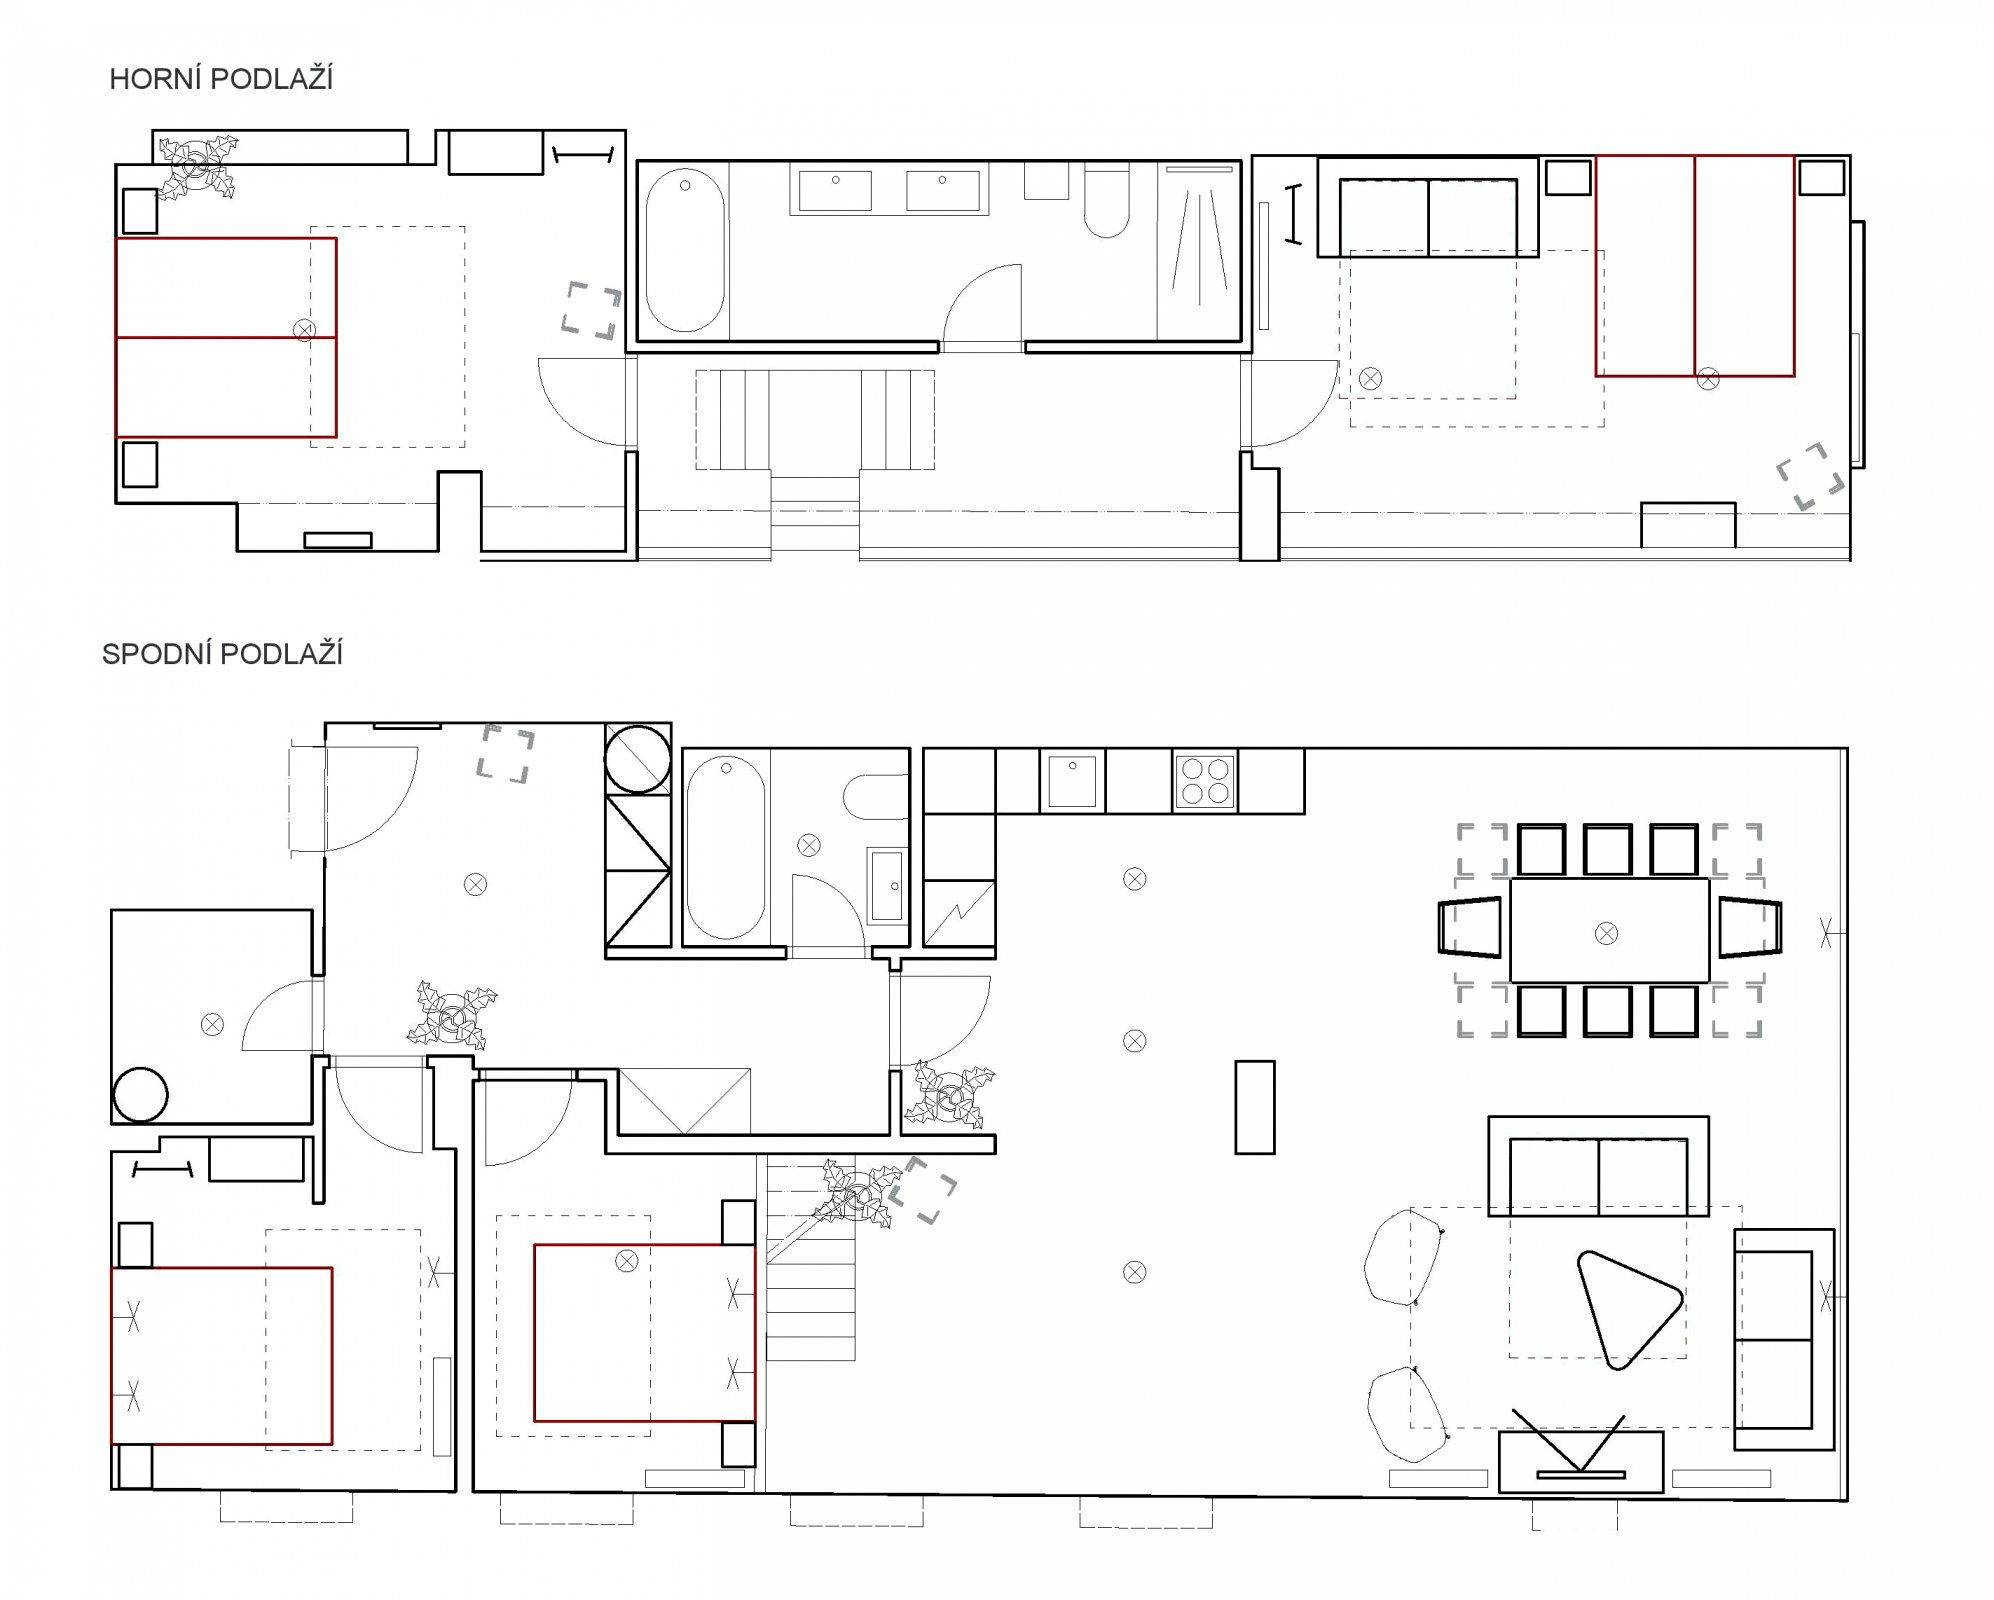 Půdorys - Půdní byt 5+kk, plocha 141 m², ulice U Půjčovny, Praha 1 - Nové Město